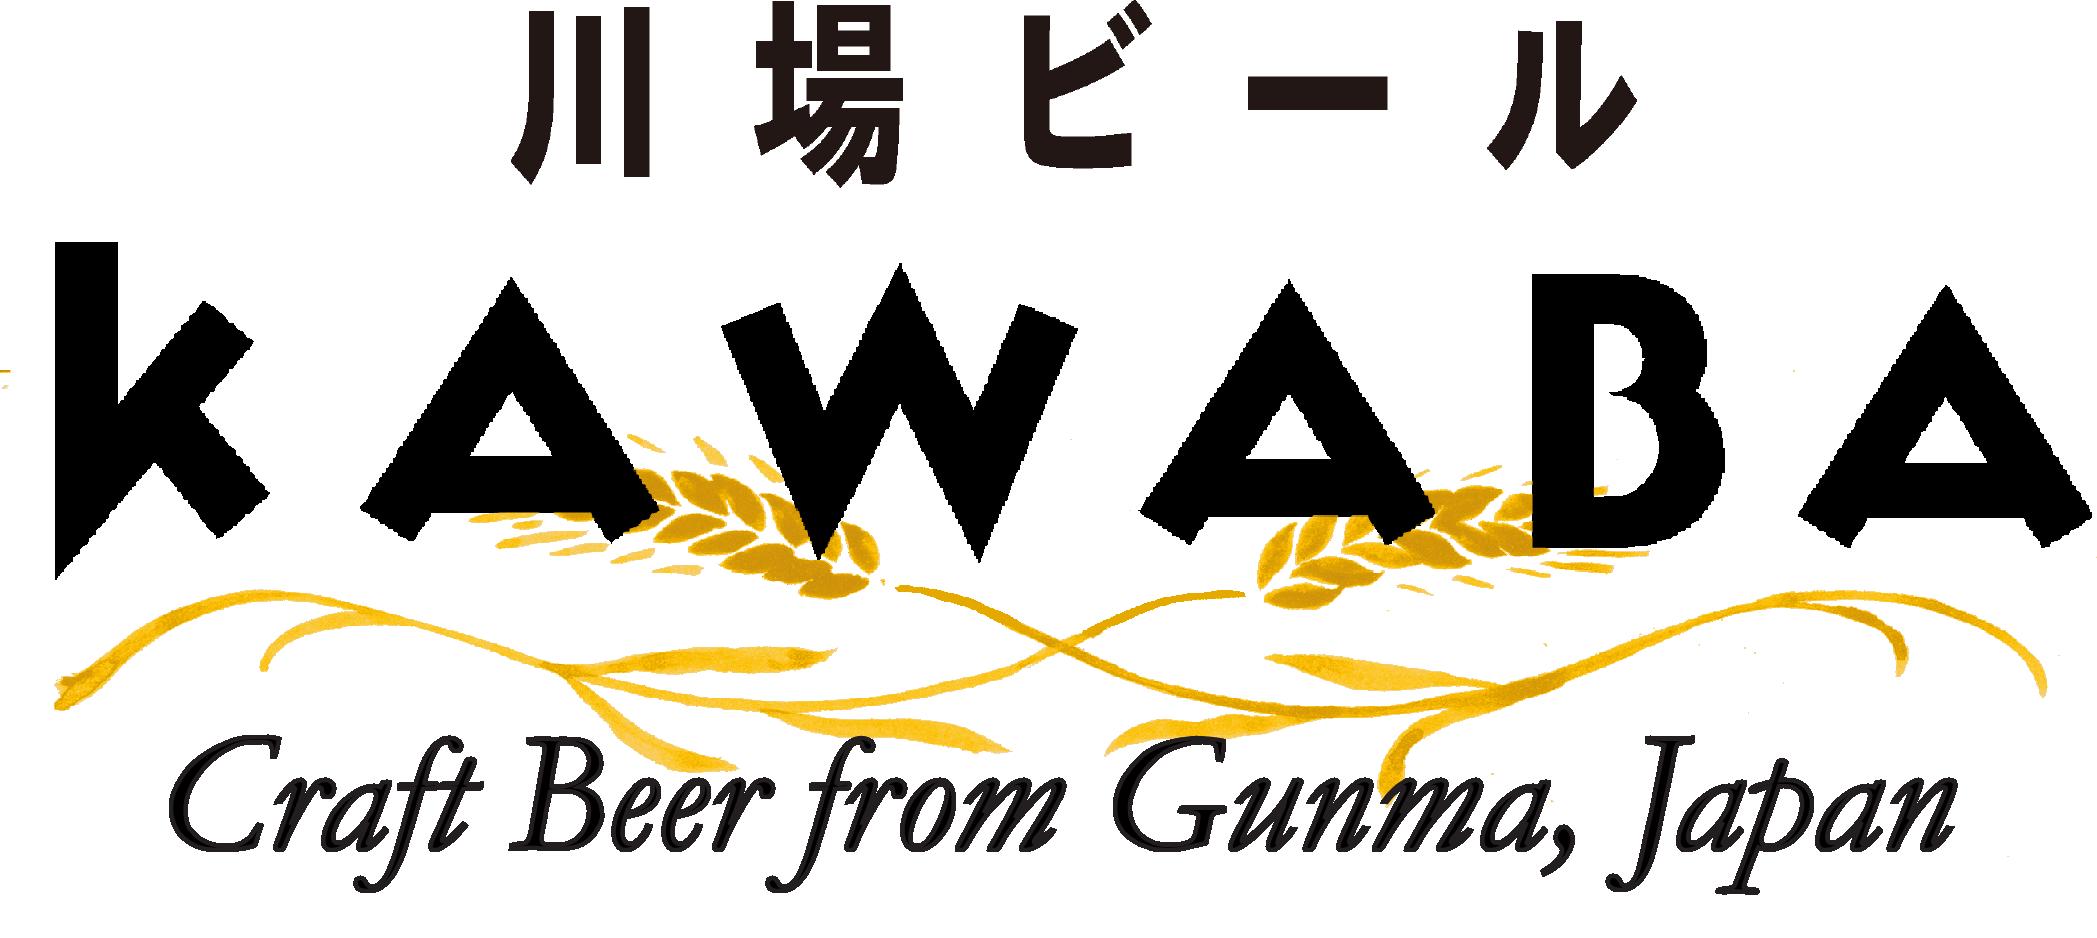 kawaba logo logo.png